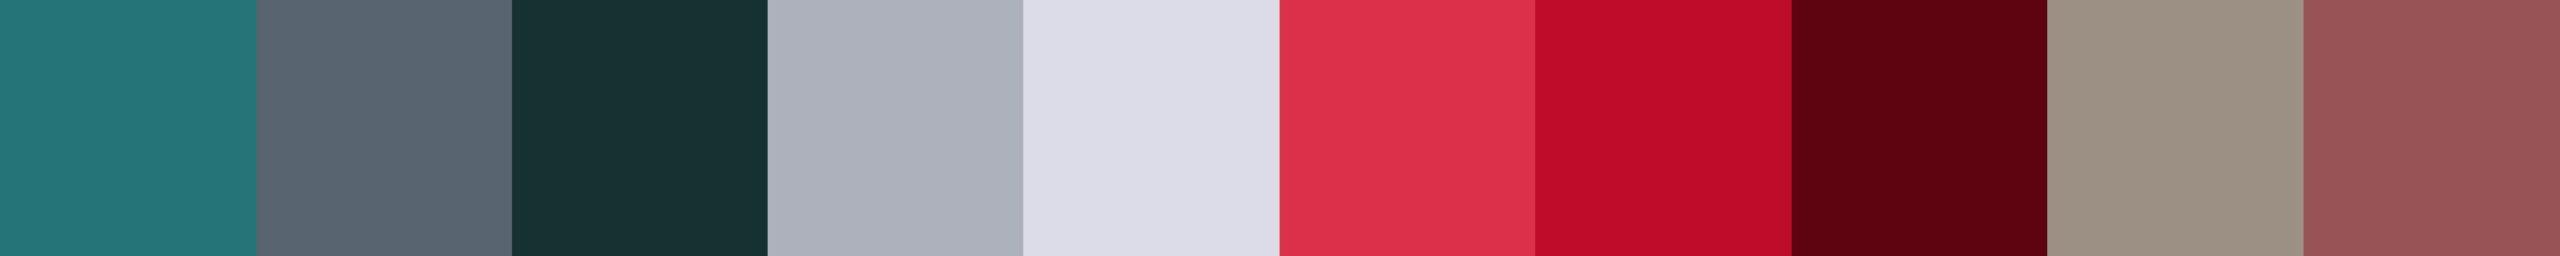 247 Lagacaria Color Palette